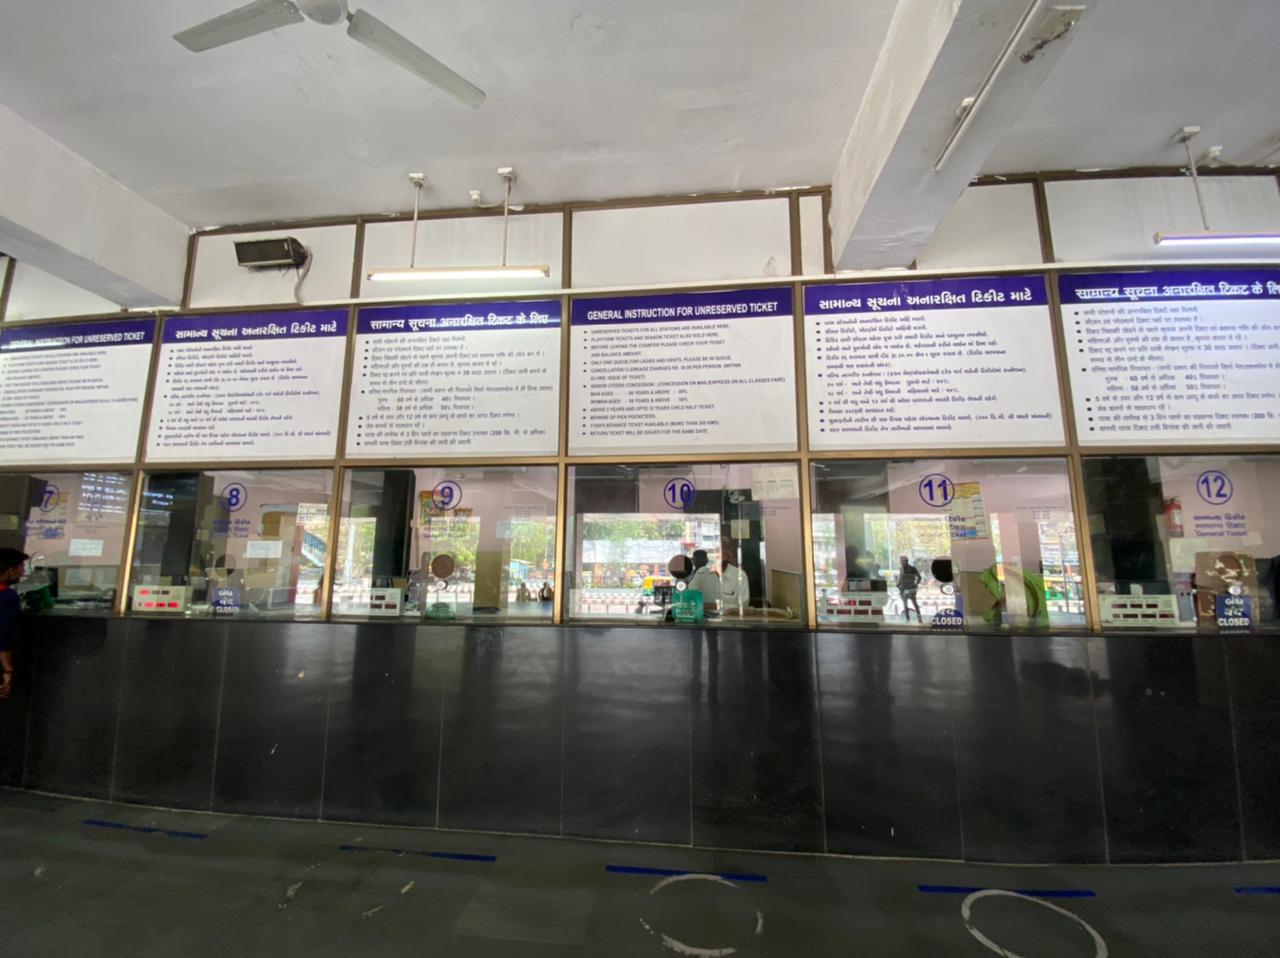 કોરોનાનું સંક્રમણ વધતા કાલુપુર રેલવે સ્ટેશન પર પ્લેટફોર્મ ટિકિટનું વેચાણ બંધ કરાયું, માત્ર મુસાફરોને જ એન્ટ્રી અપાશે અમદાવાદ,Ahmedabad - Divya Bhaskar